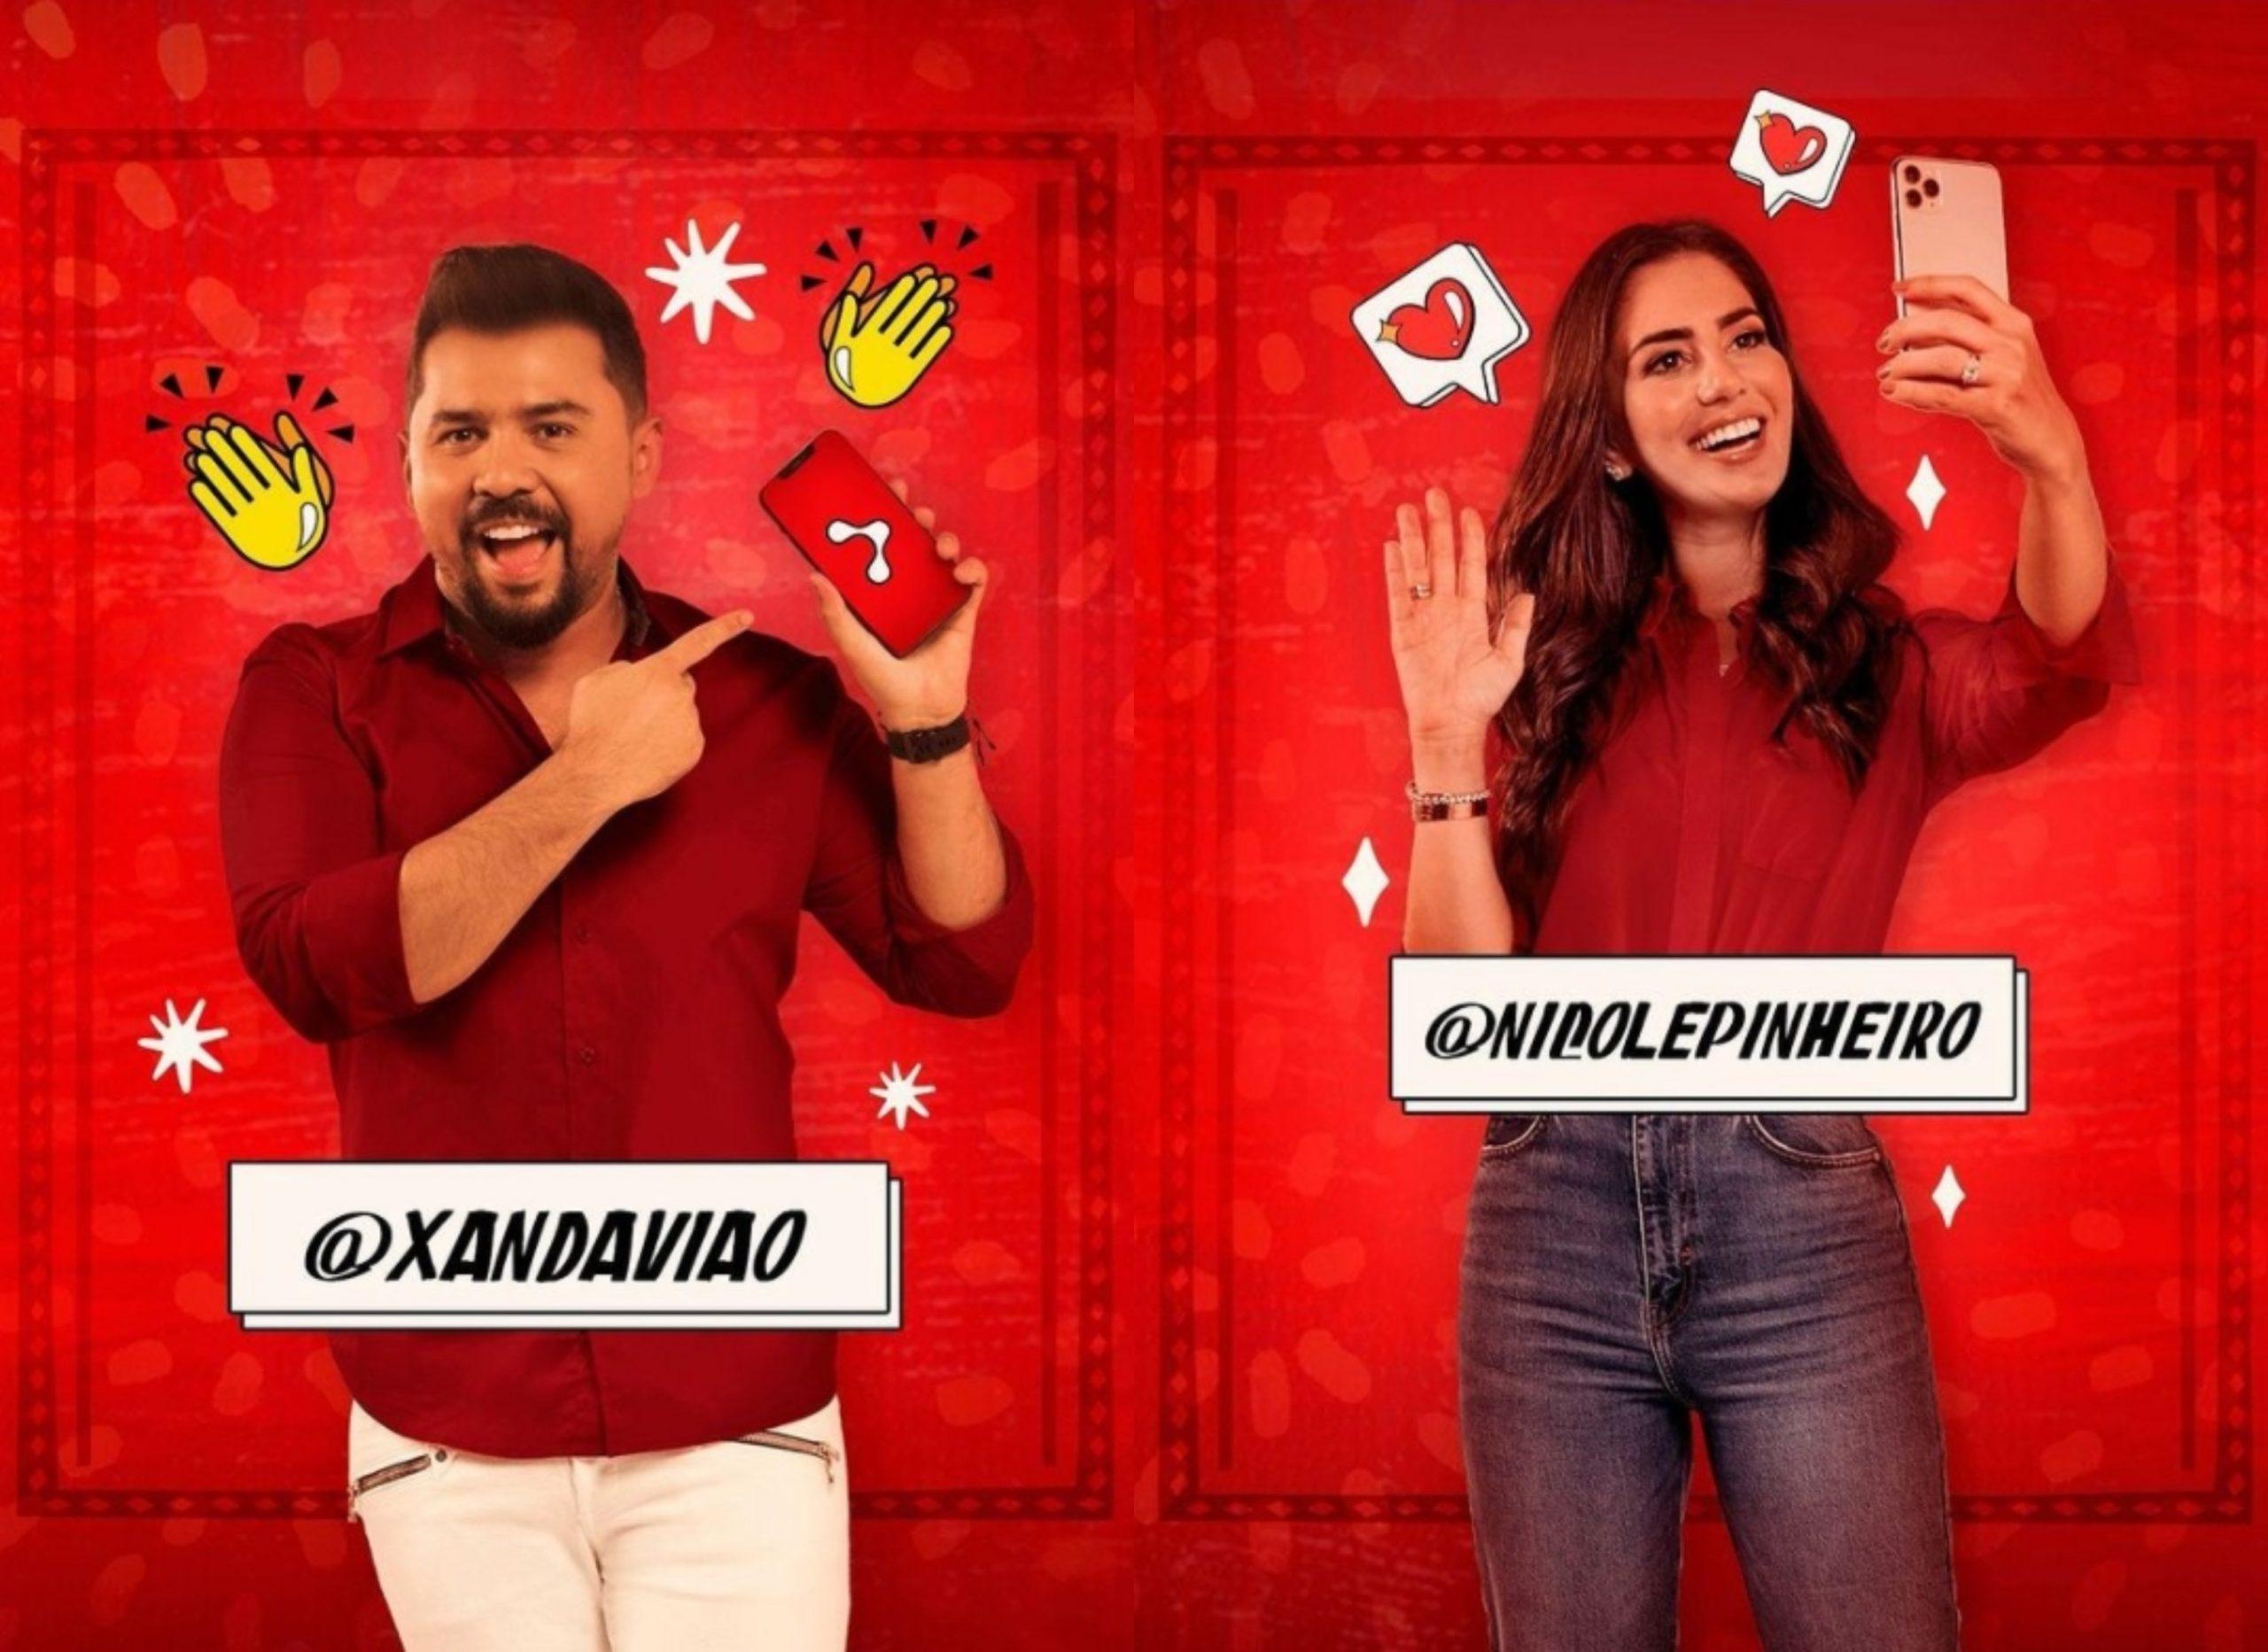 Xand Avião e Nicole Pinheiro compõem time que brilha em nova campanha da Mob Telecom